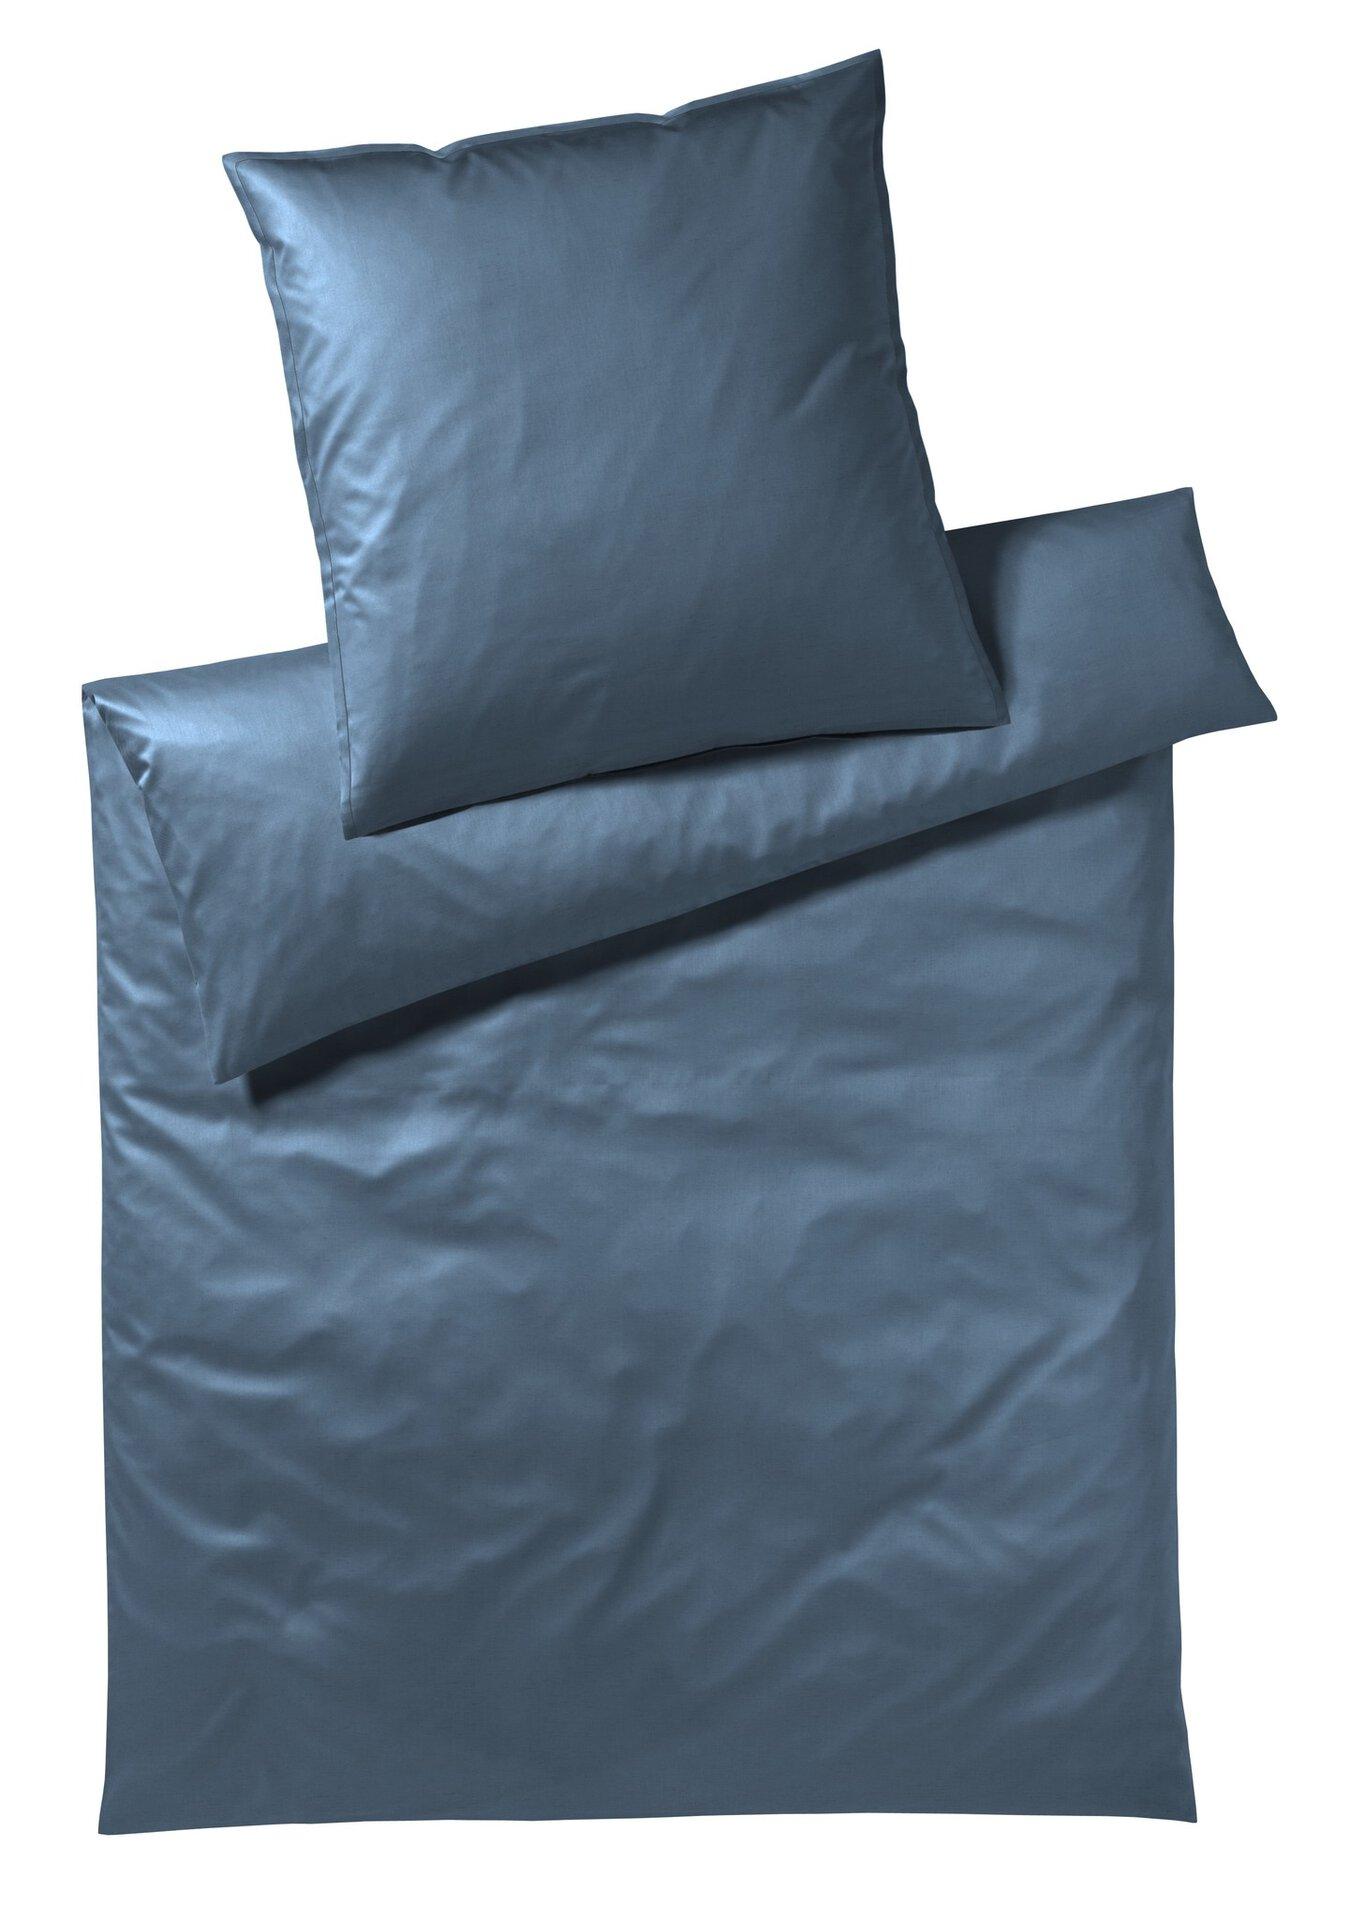 Bettwäsche Solid COVERED Textil 135 x 200 cm